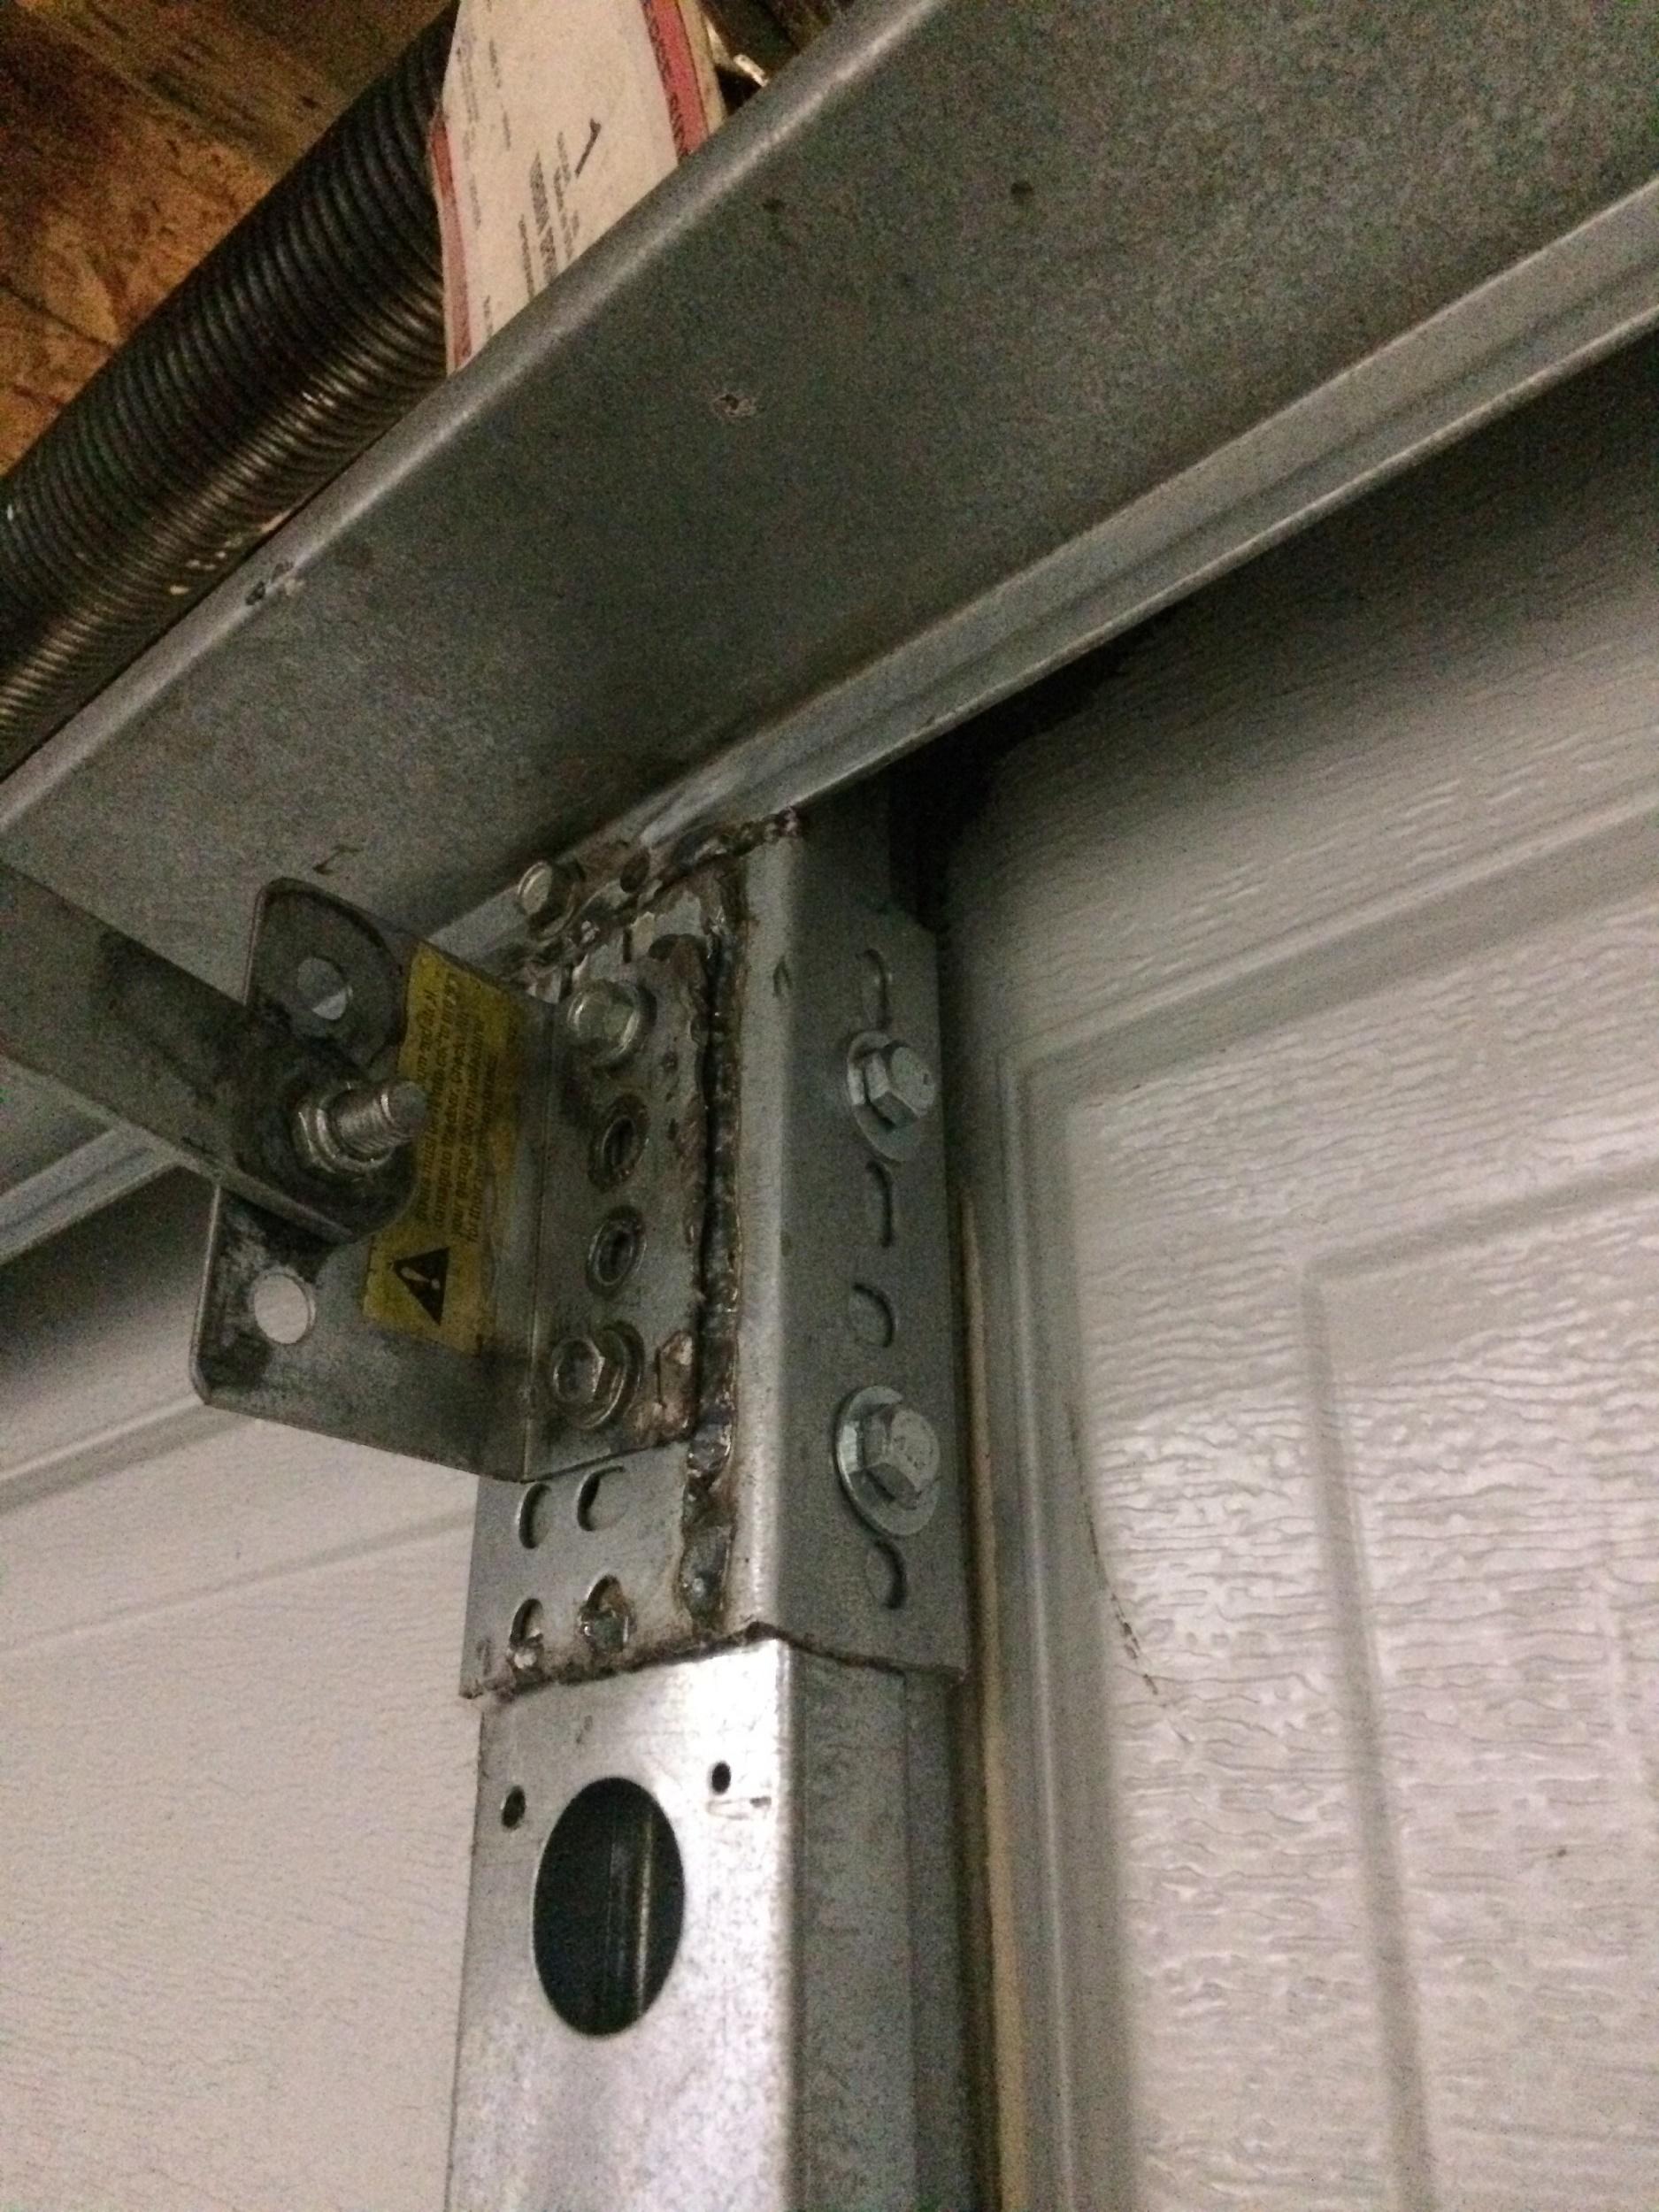 Garage Door Vertical Reinforcement Bracket Ideas Opener On Motor Diagram Broken Arm How Much Transfer To